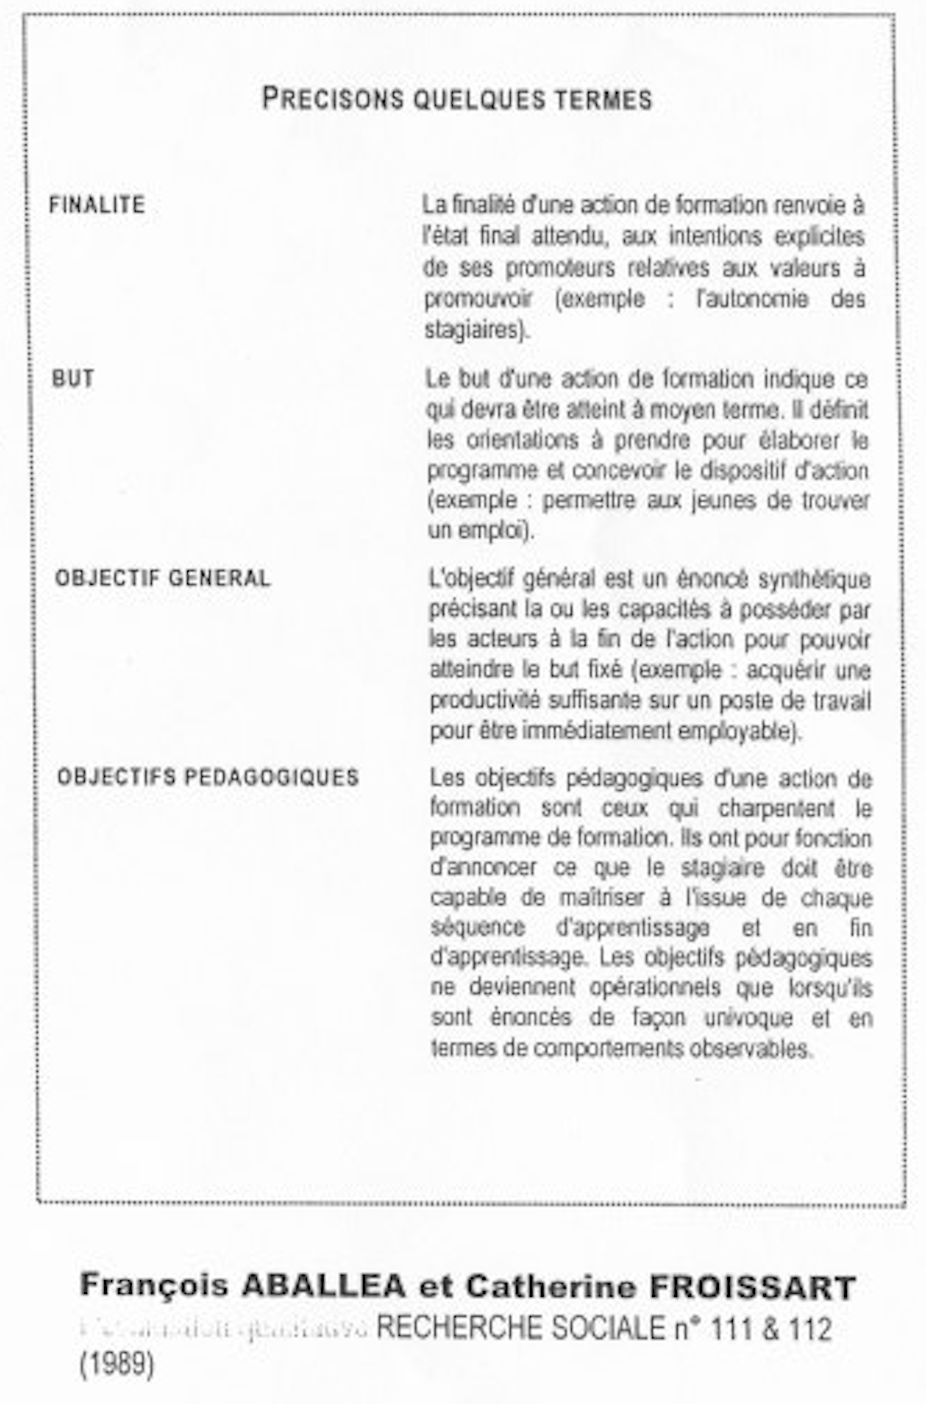 UE 24 version 20-21 : Les didactiques - Analyse des situations de formation